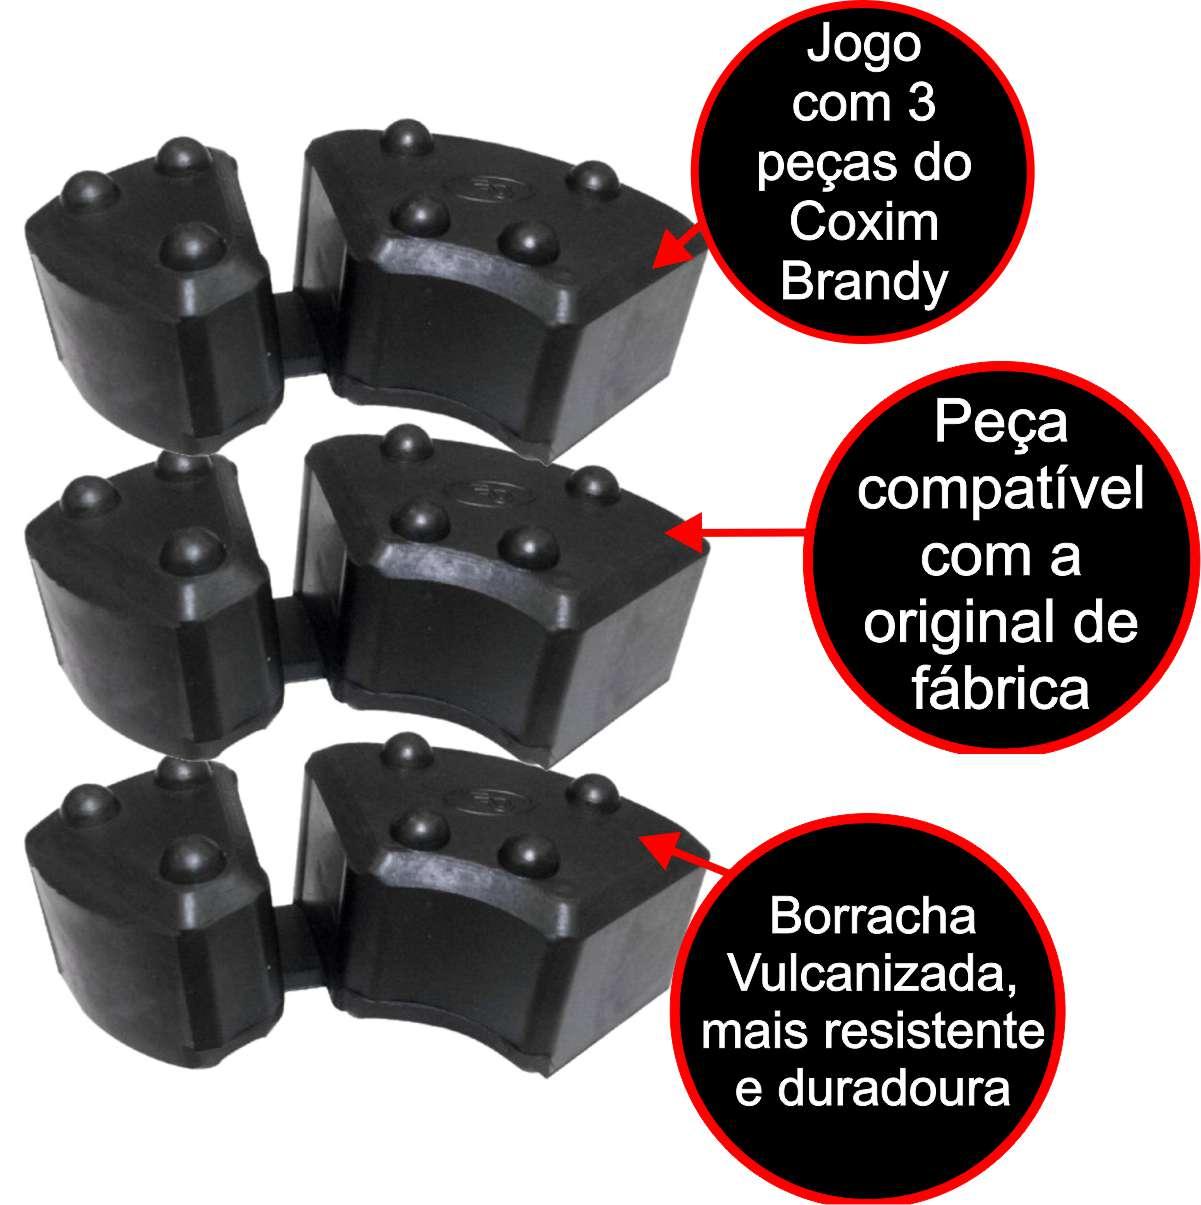 COXIM BRANDY CUBO TRASEIRO BORRACHA RODA MOTO BMW G 650 GS - BMW F 650 GS até 2007